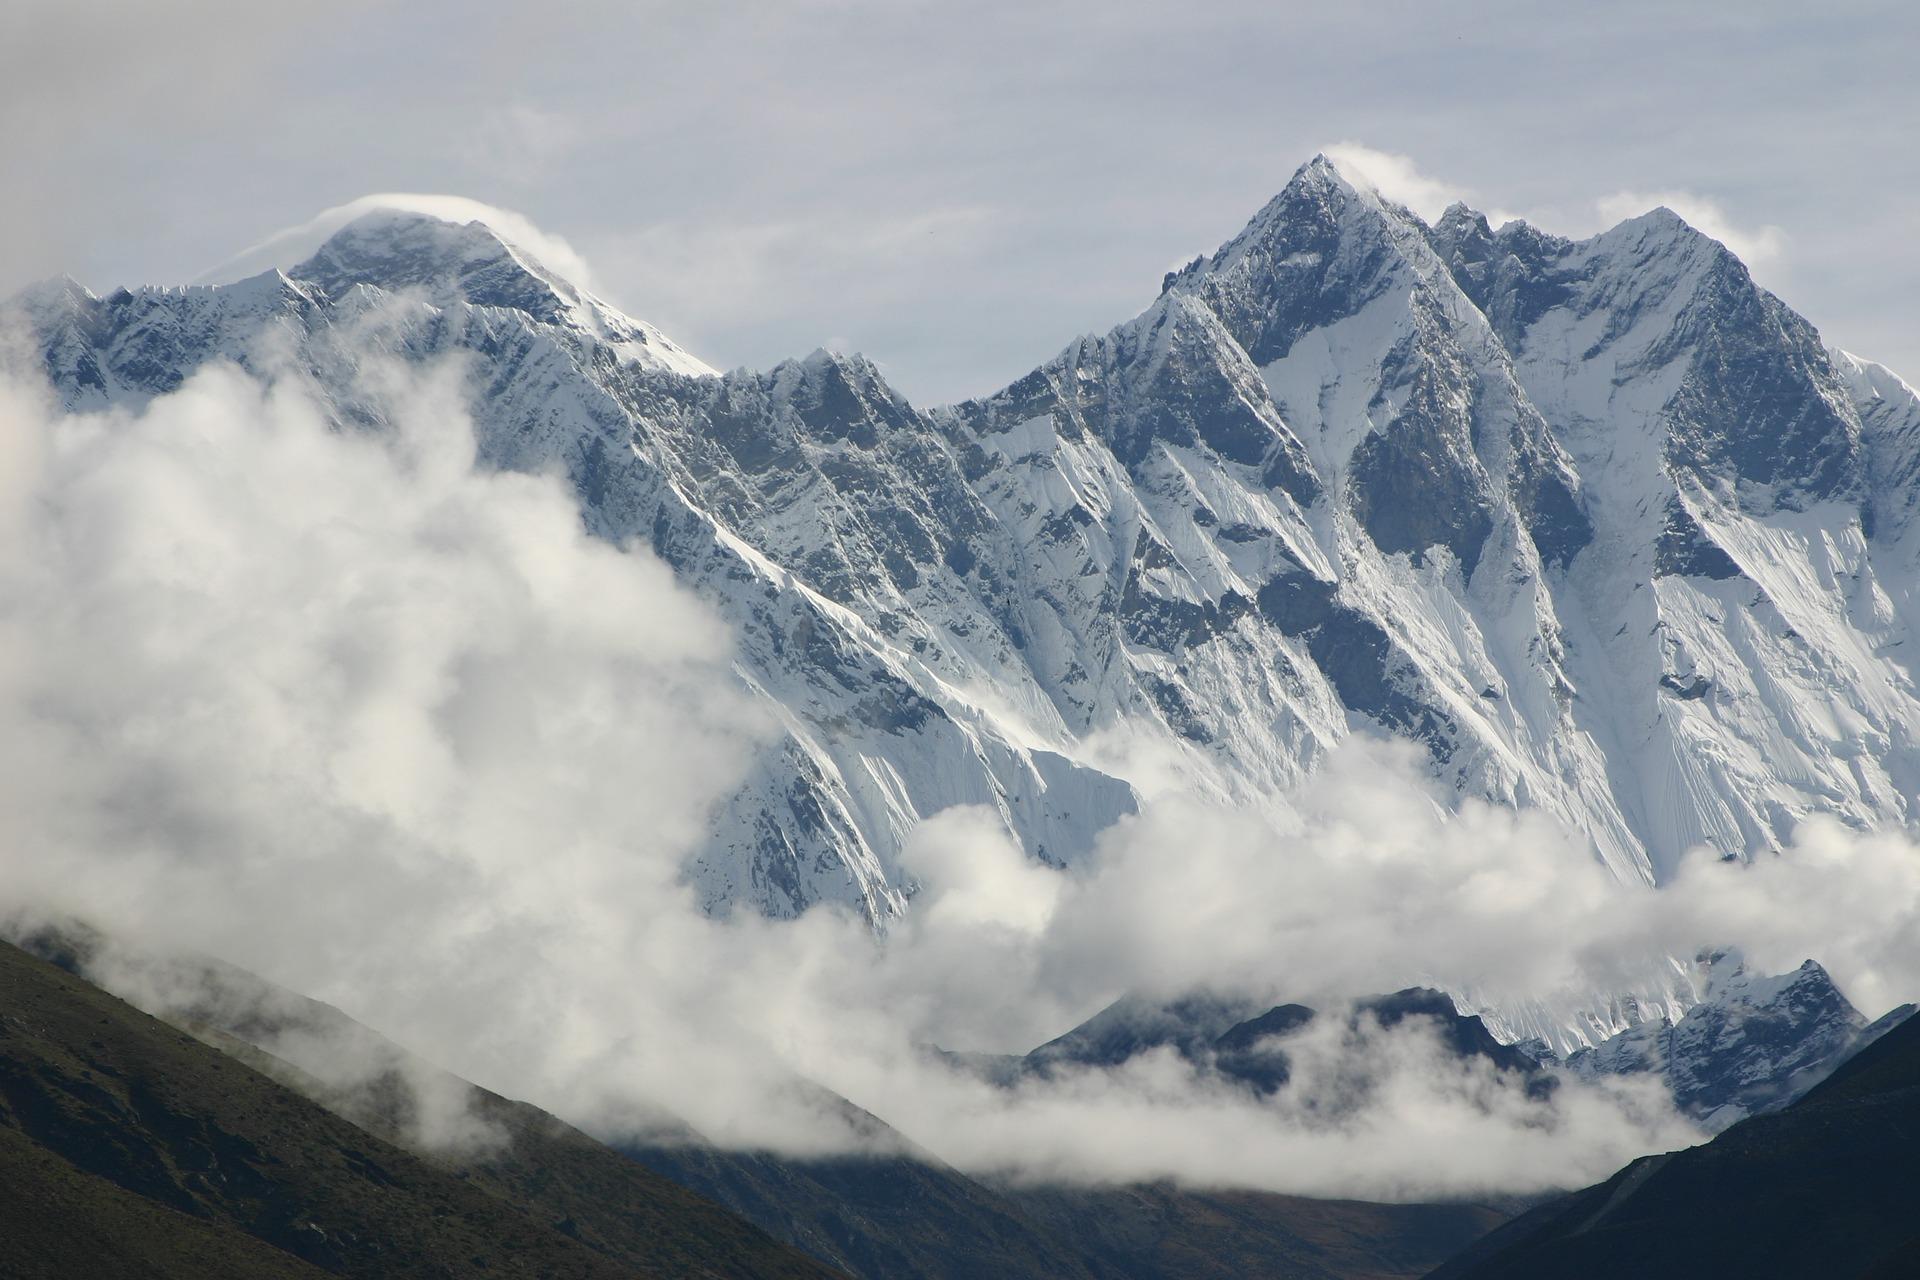 Ştiaţi că... Varful Everest